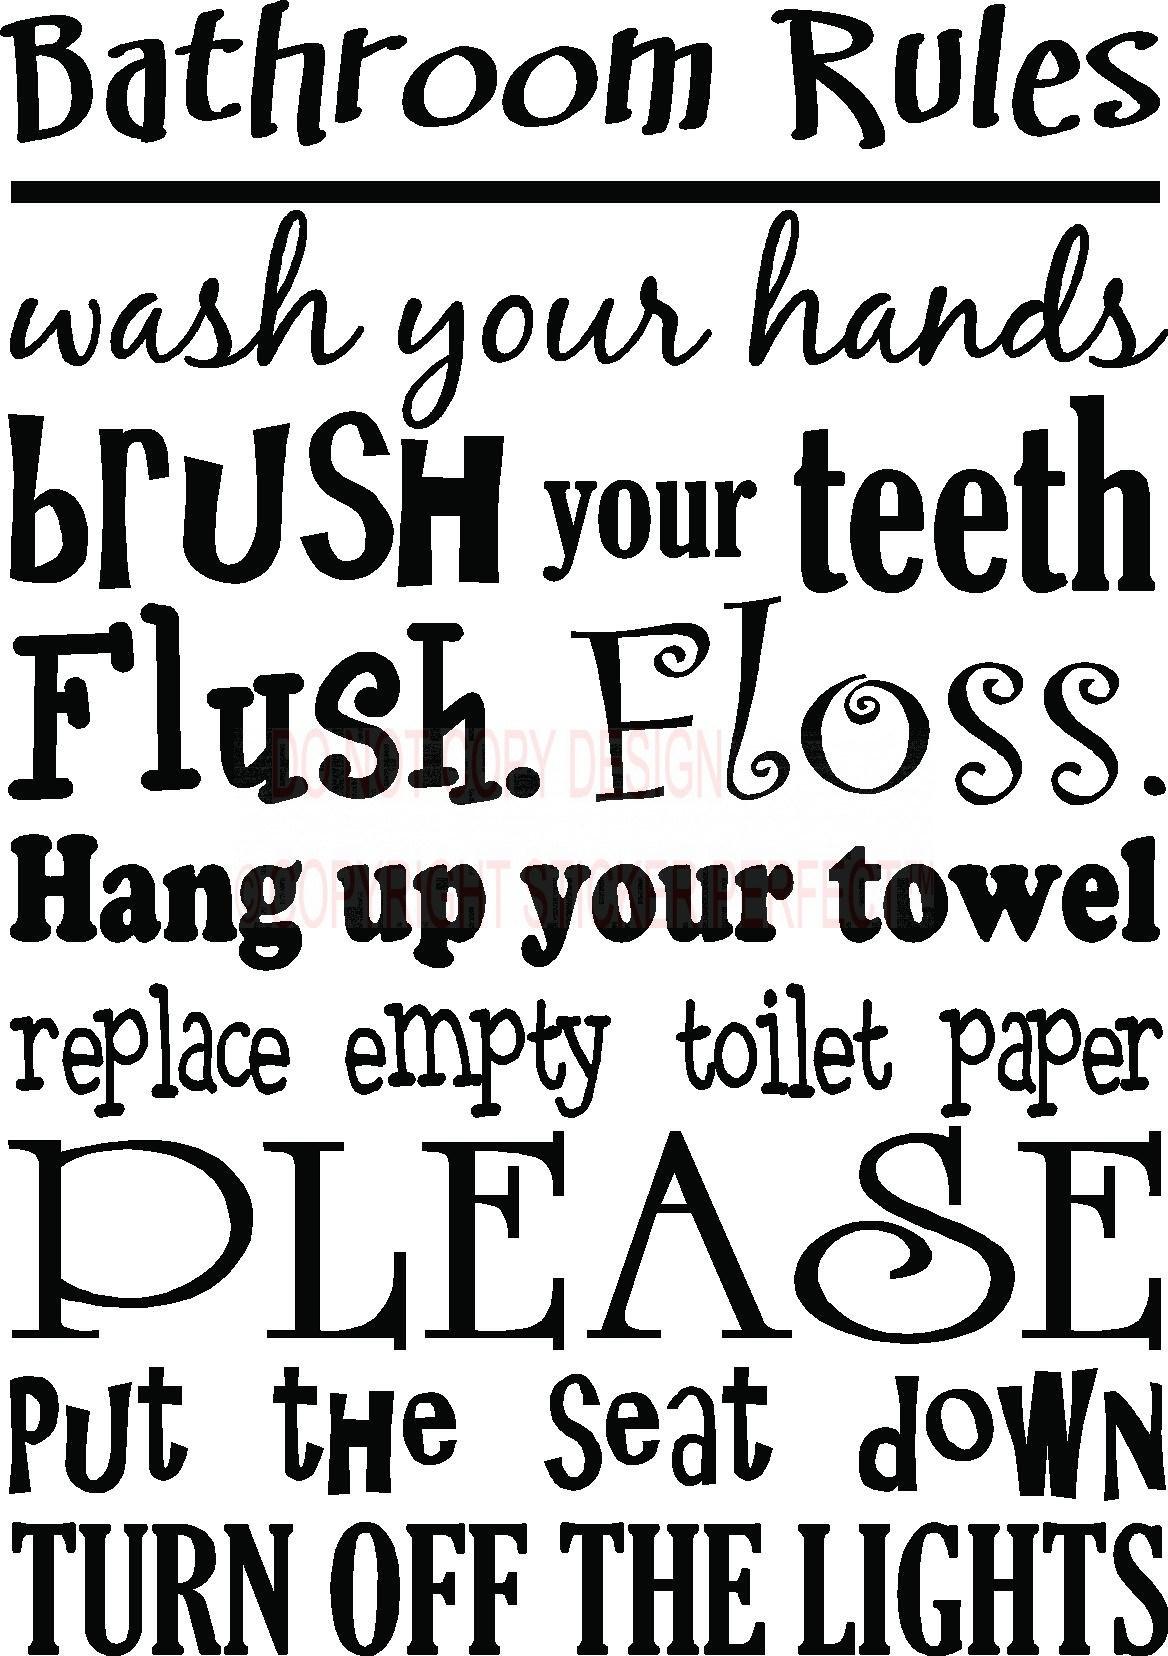 Bathroom Quotes Svg | Funny Bathroom Signs Svg Bundle M3219Th Studio - Free Printable Bathroom Quotes